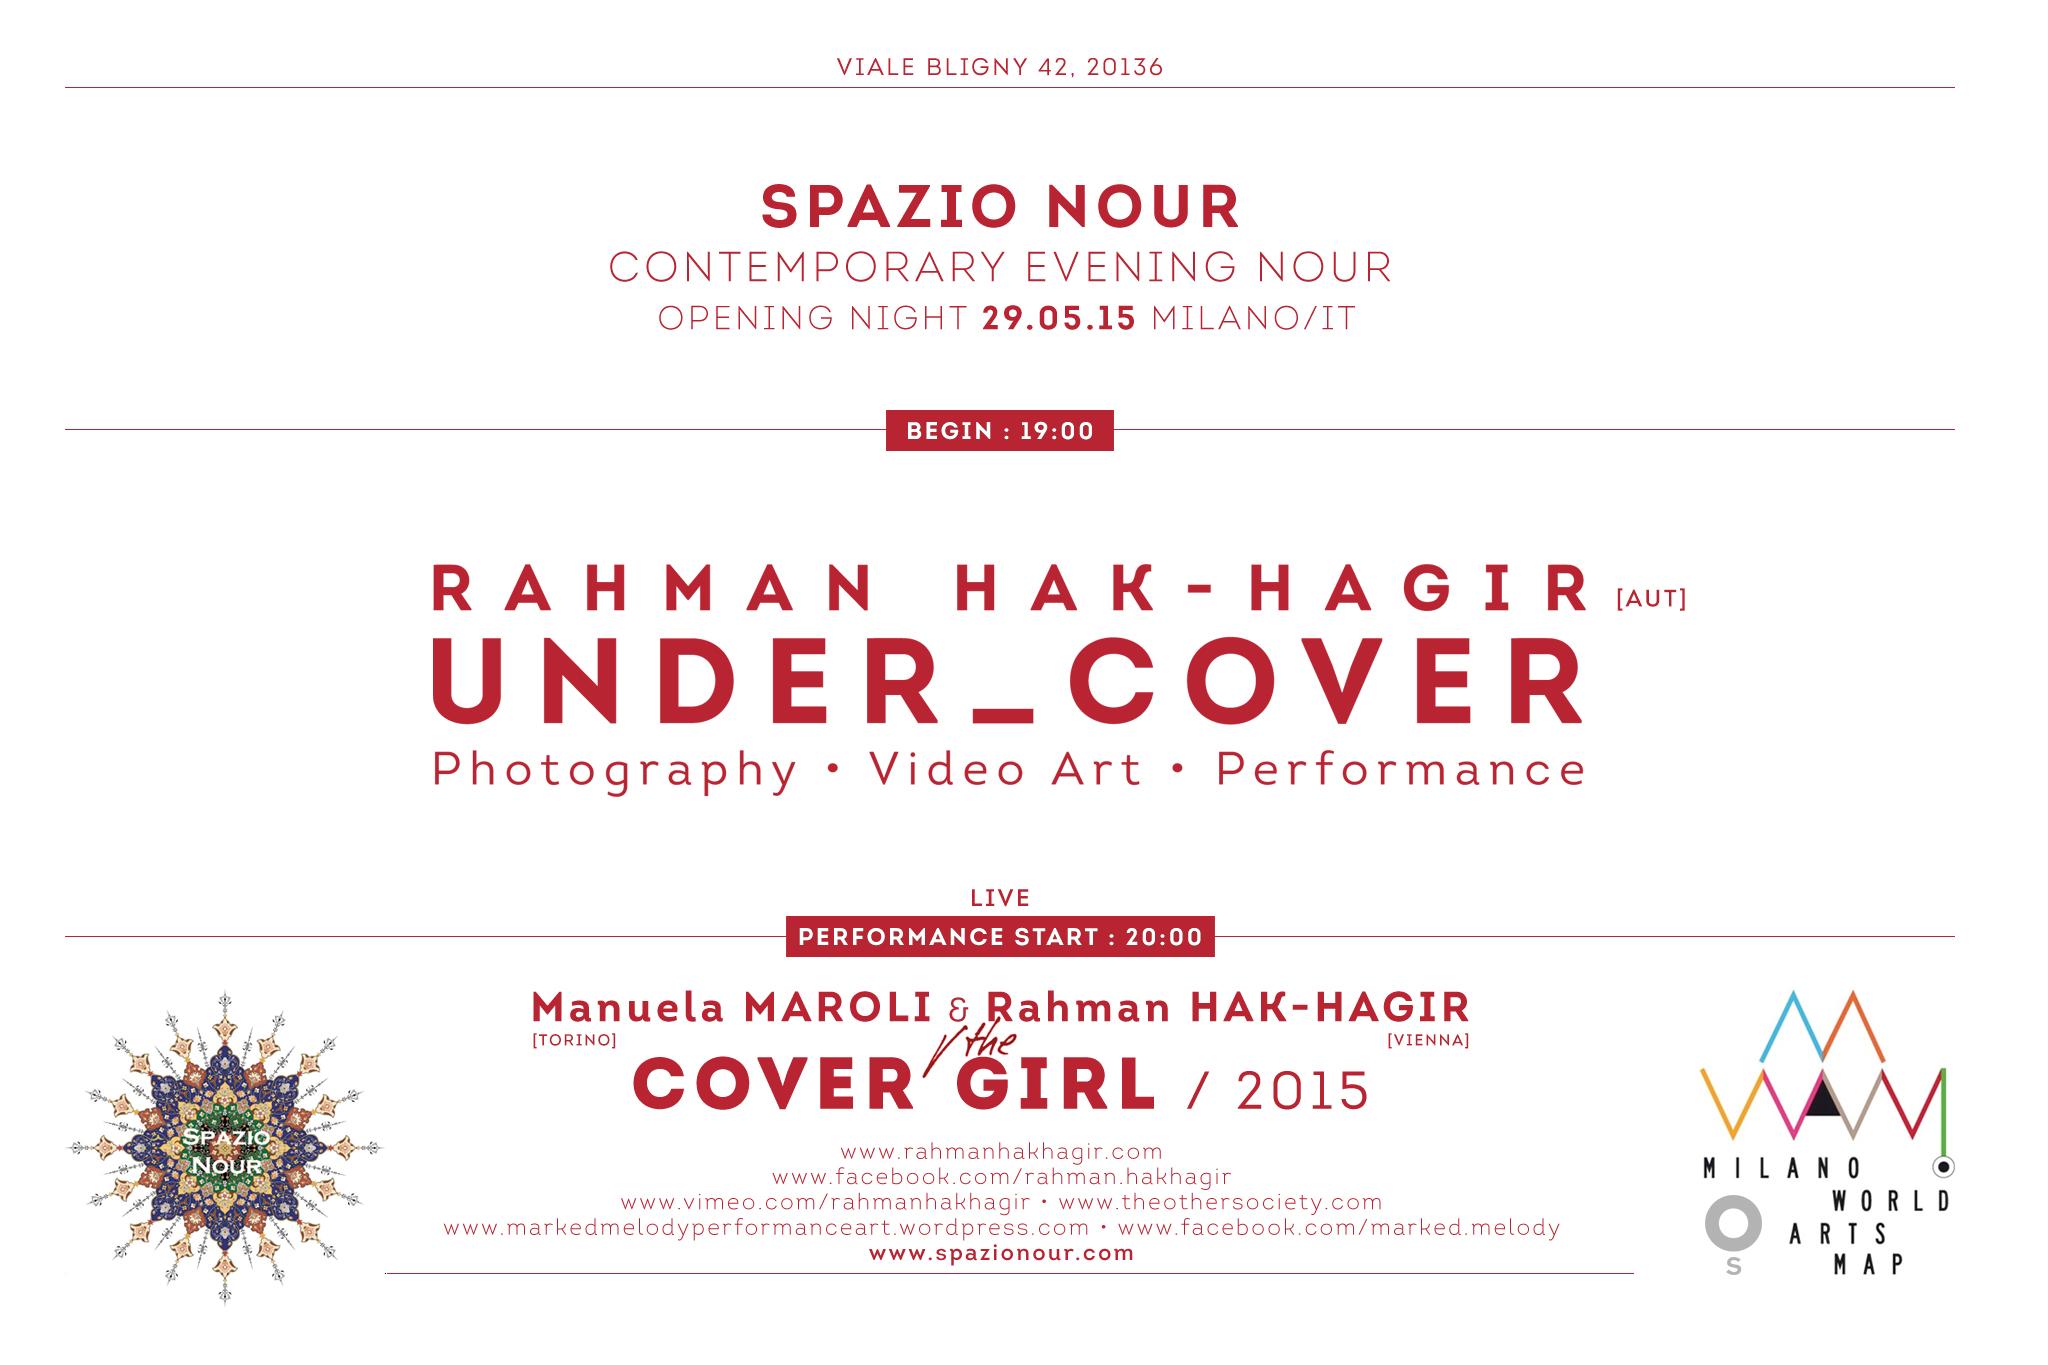 rahman hak-hagir, manuela maroli UNDER_COVER